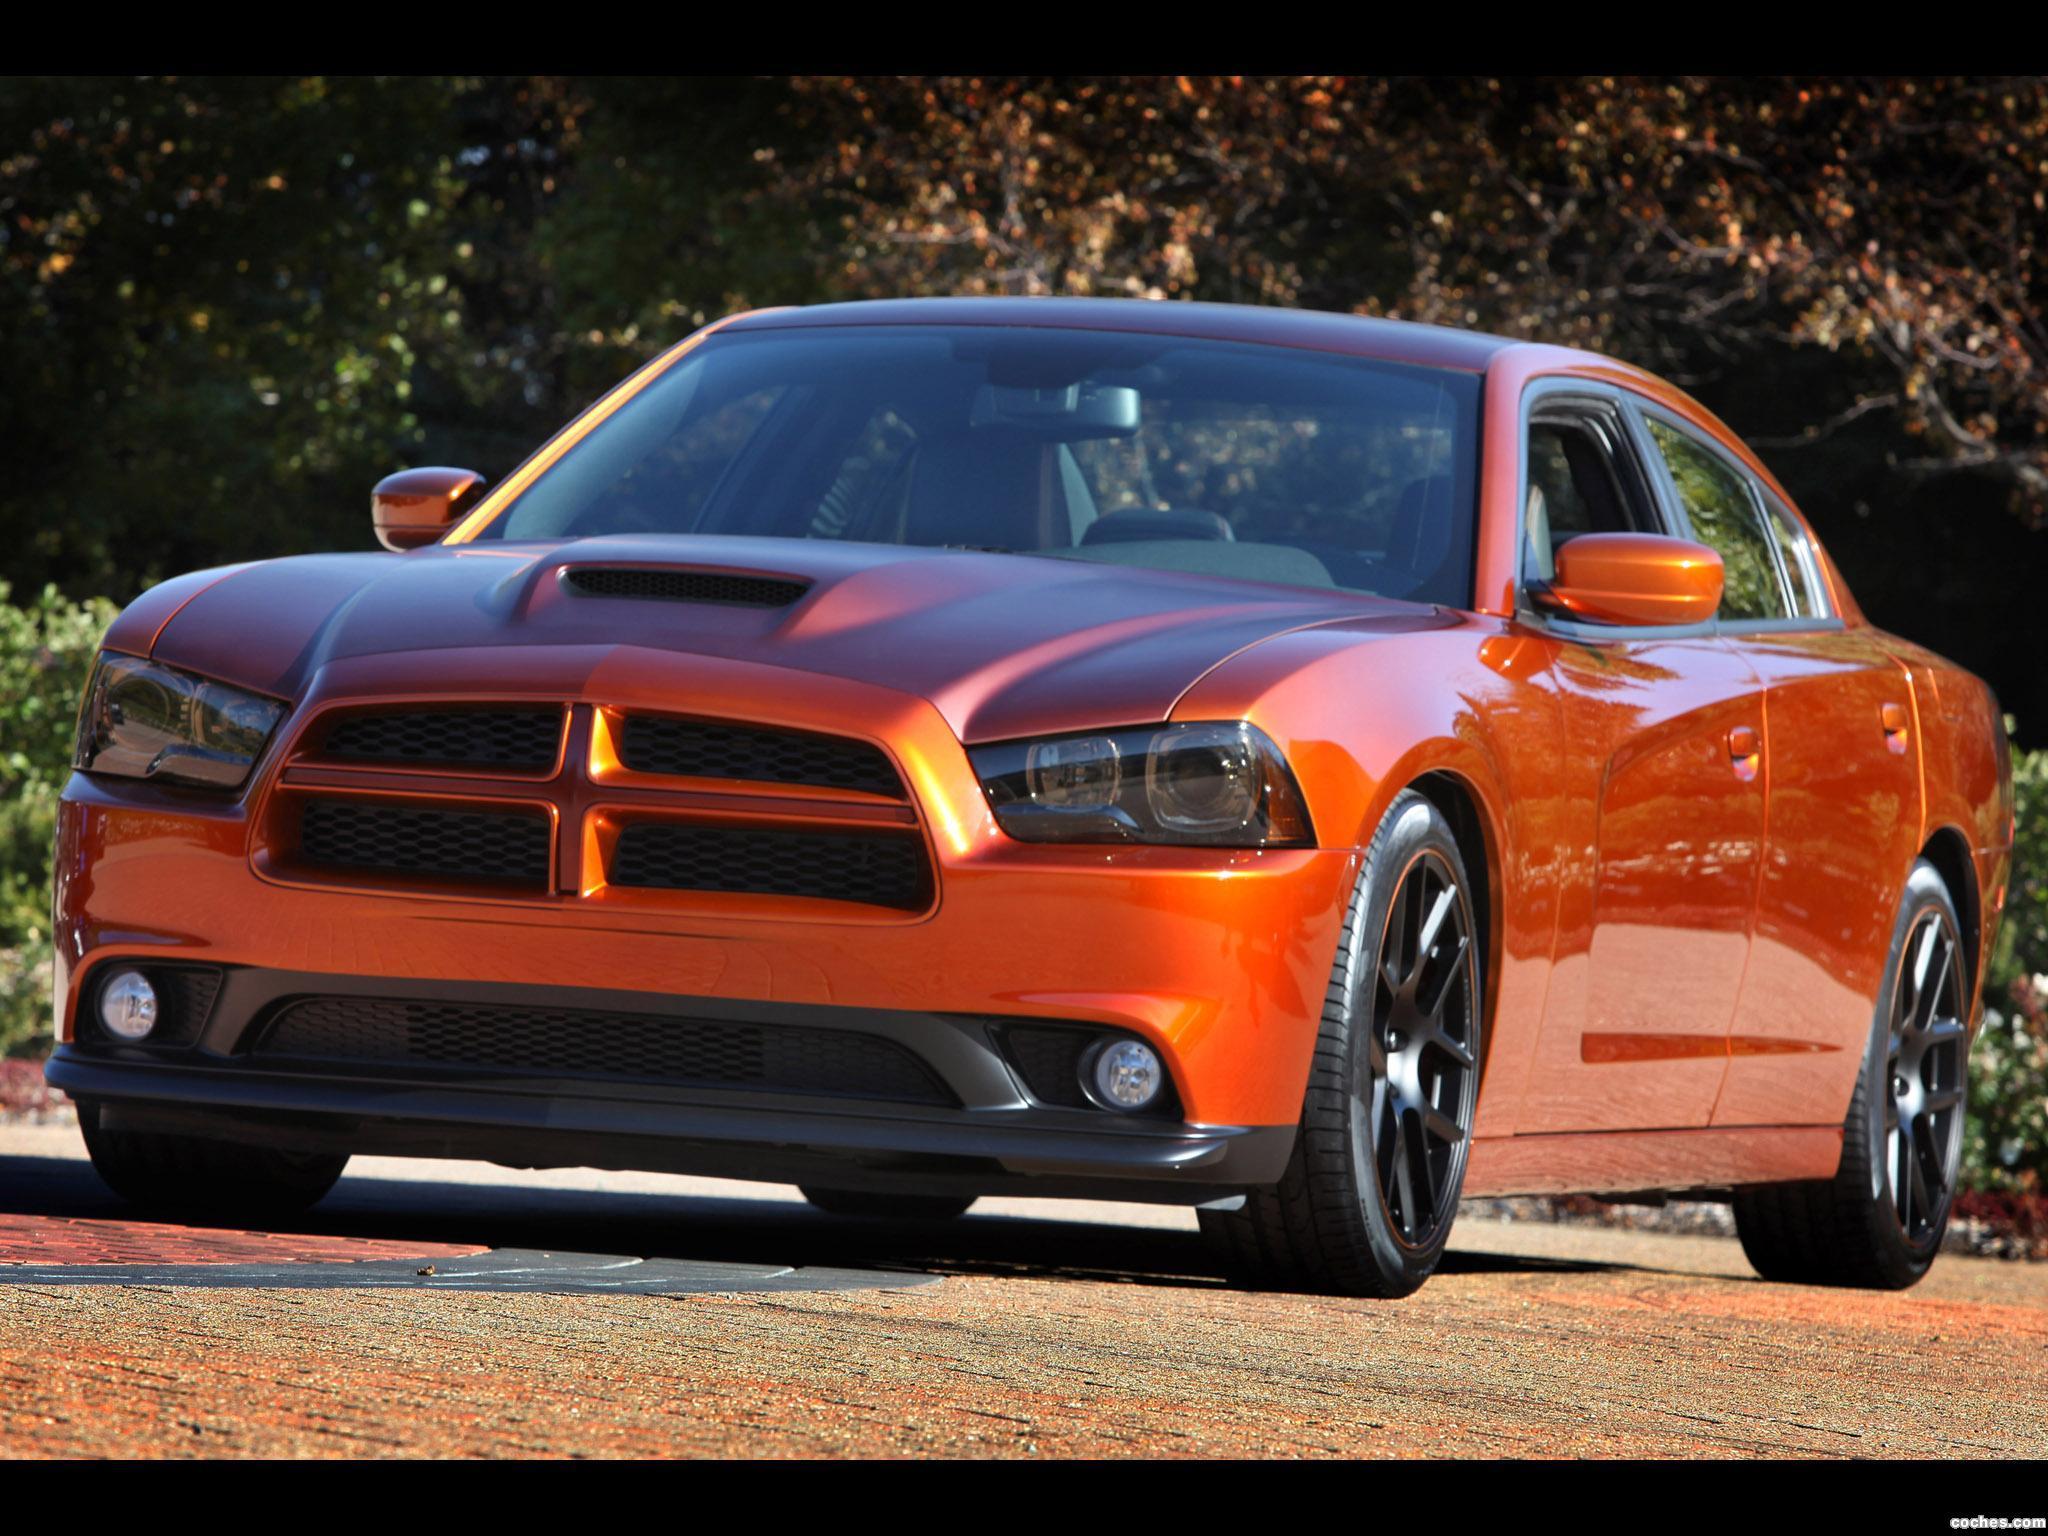 Foto 0 de Dodge Charger Juiced Mopar 2012